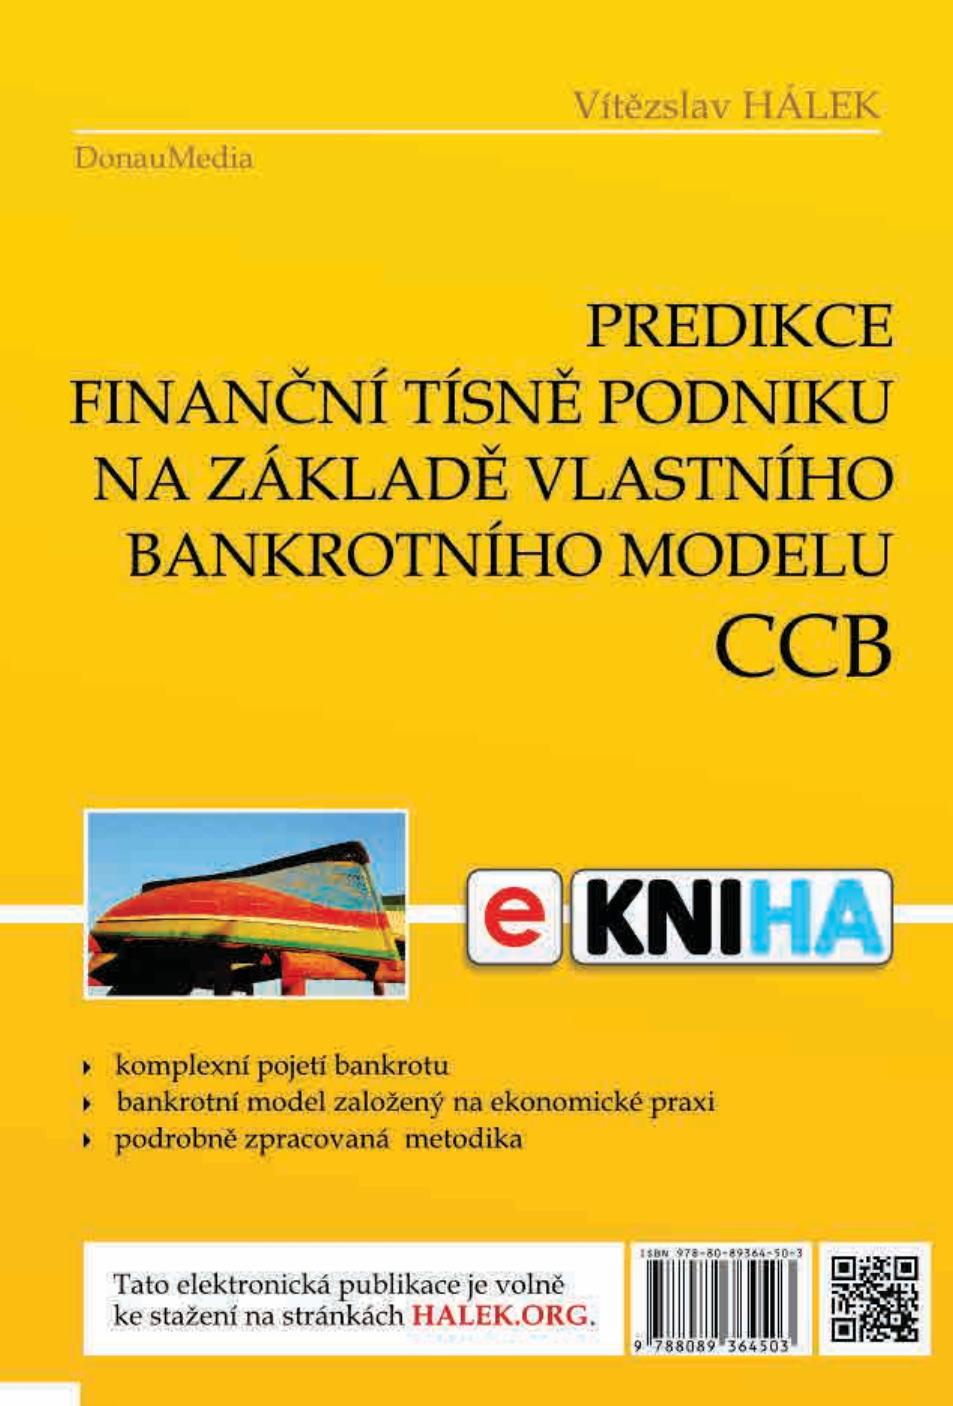 Predikce finanční tísně podniku na základě vlastního bankrotního modelu CCB